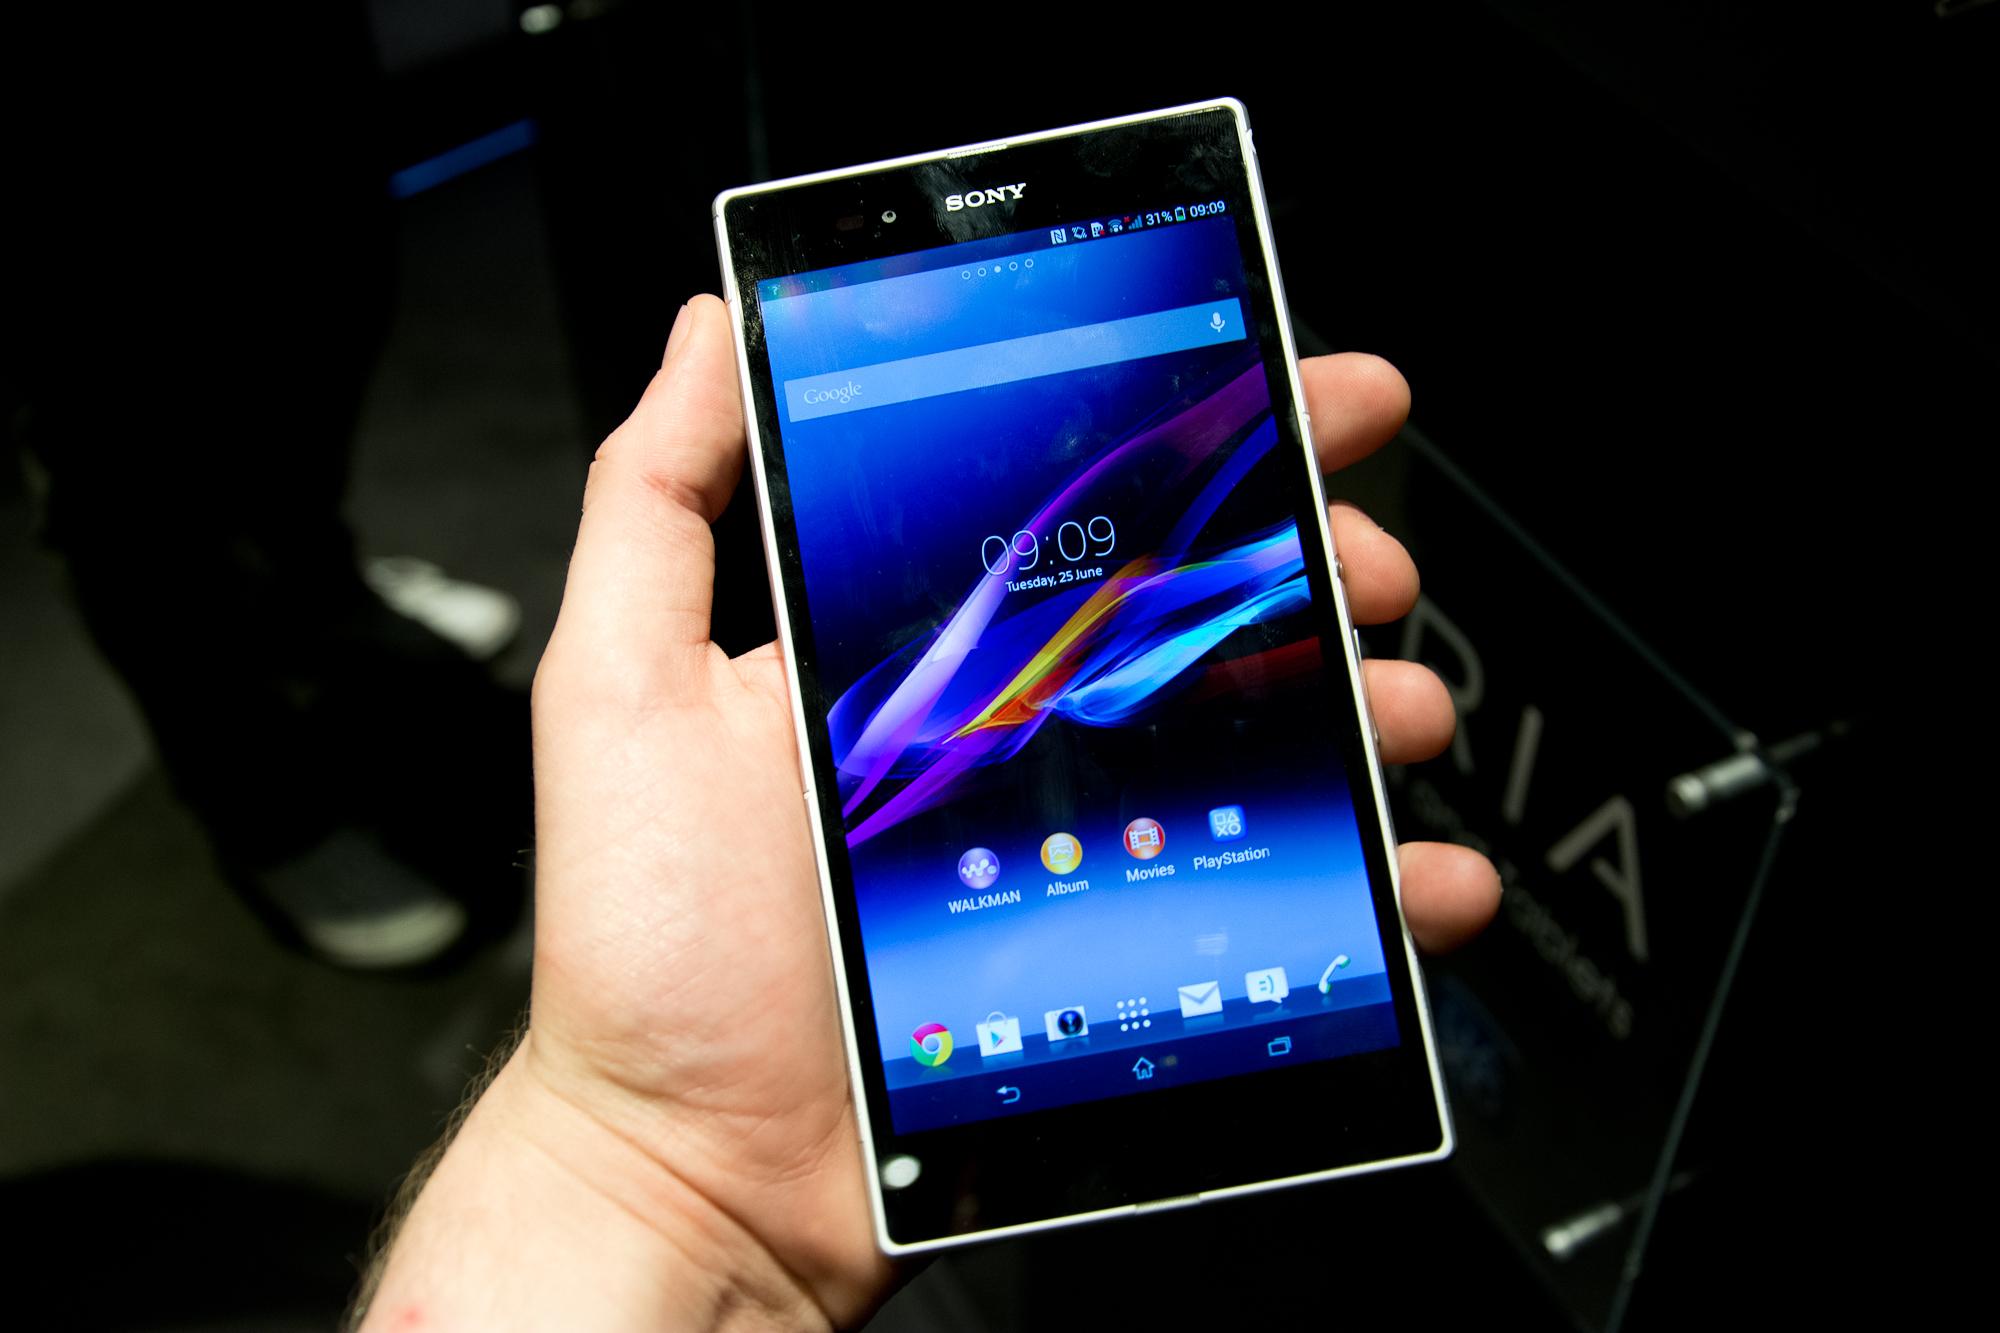 Đánh giá nhanh điện thoại Sony Xperia Z Ultra